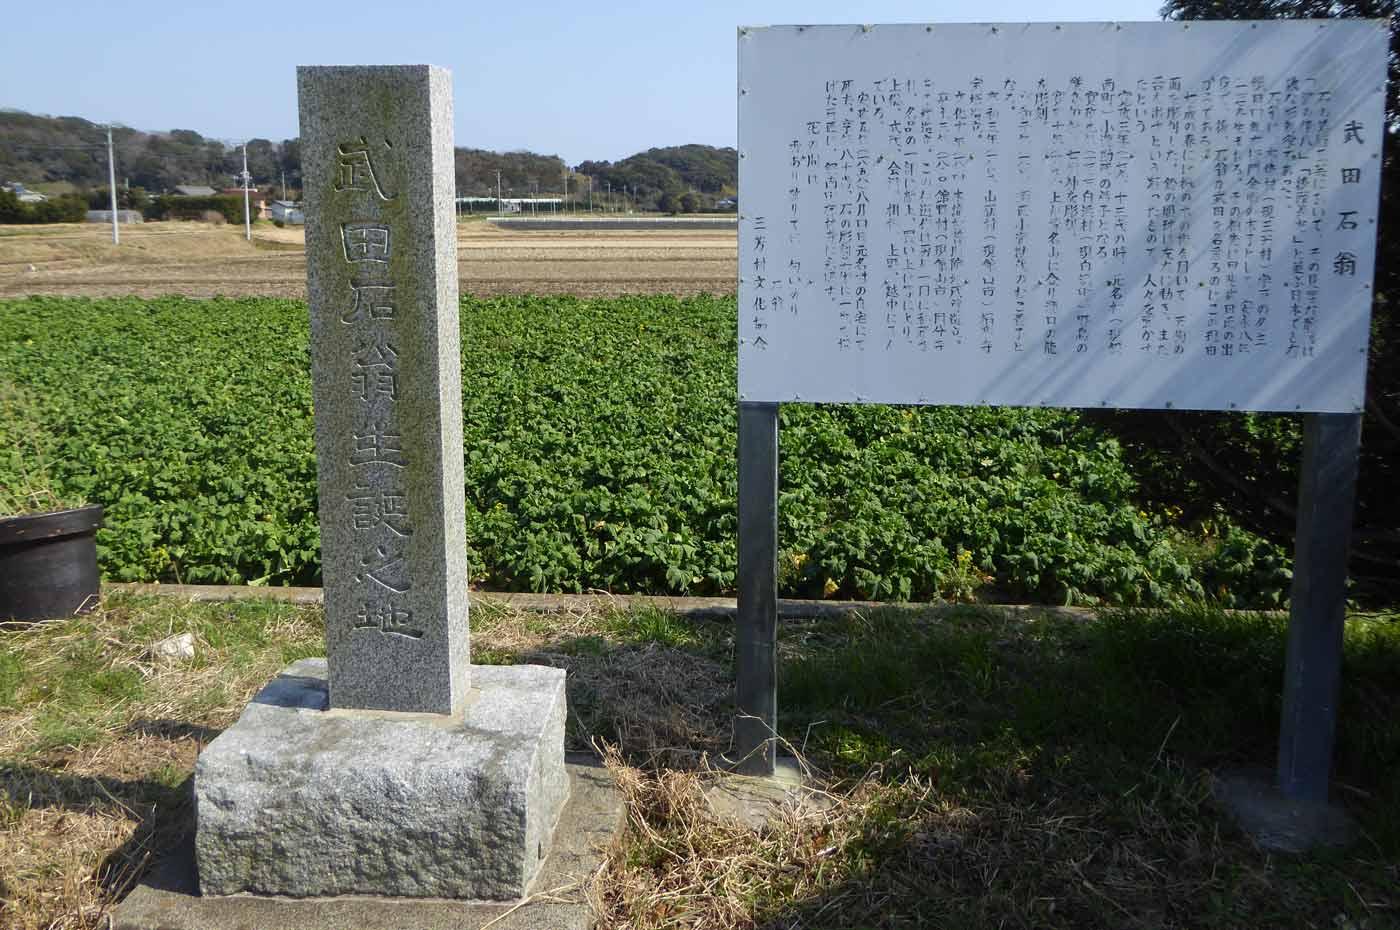 本織神社武田石翁誕生の碑の画像